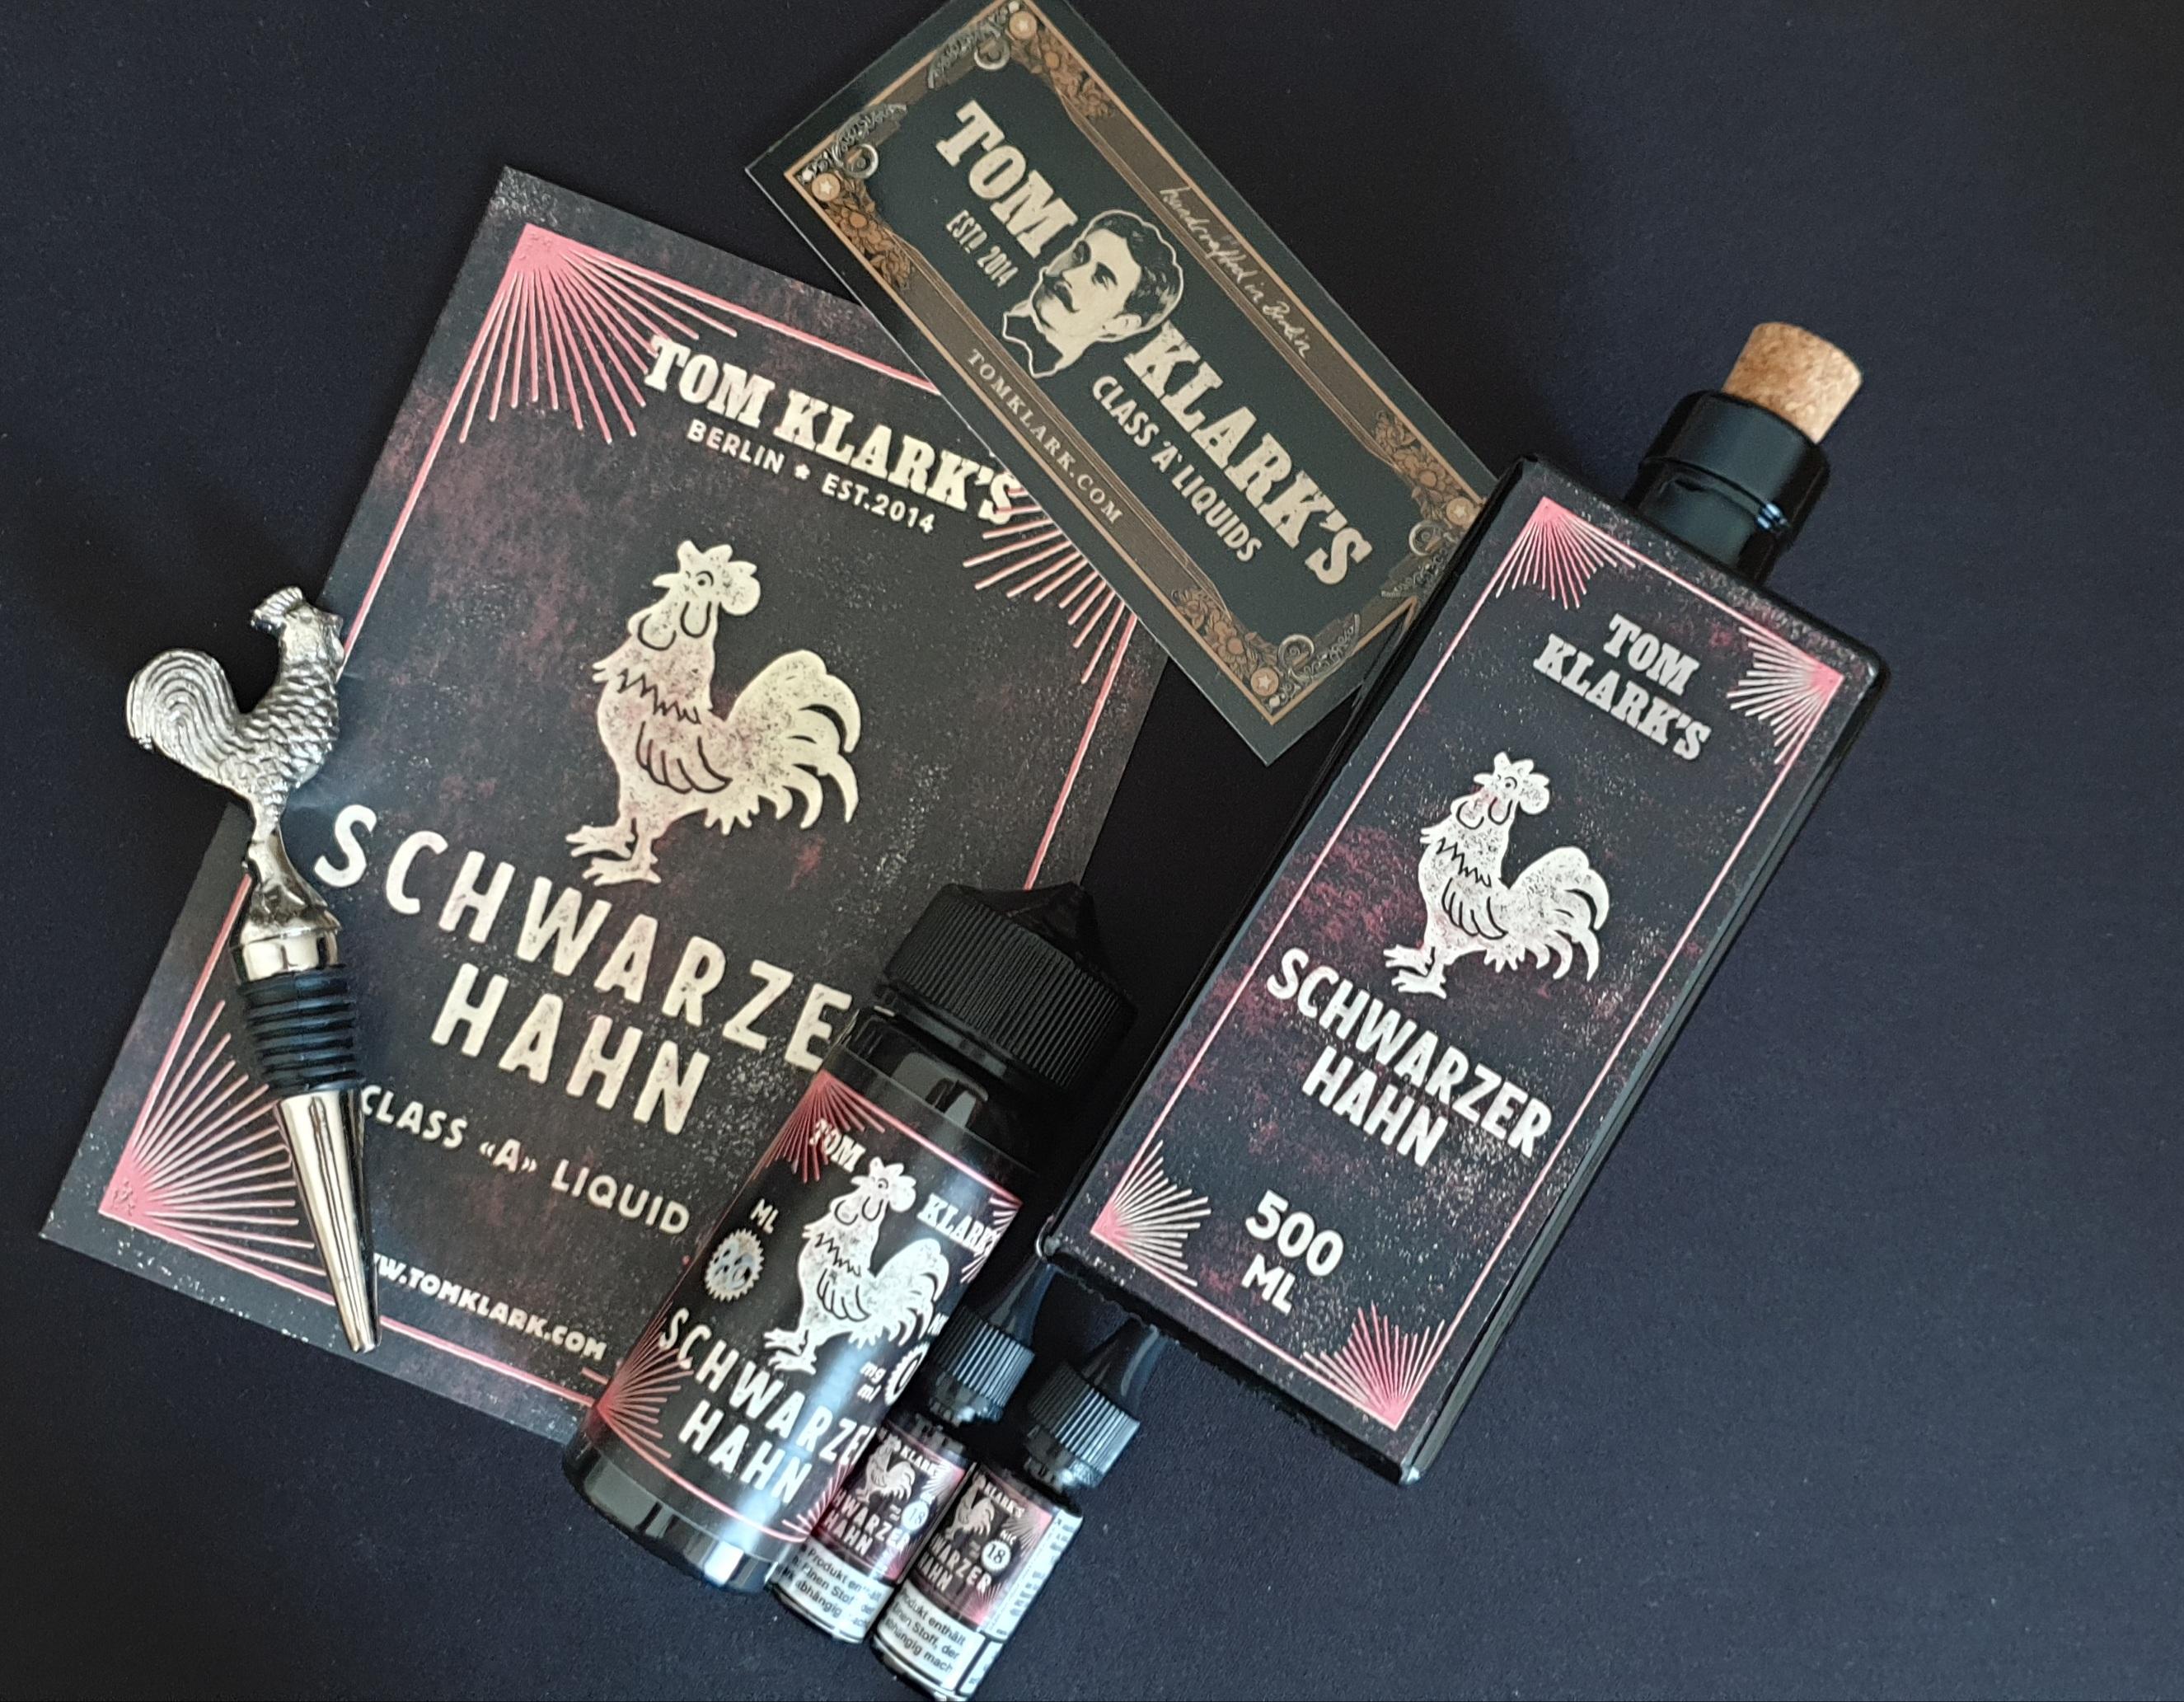 TOM KLARK Schwarzer Hahn *Special* 3mg 120ml inkl. Design Glasflasche